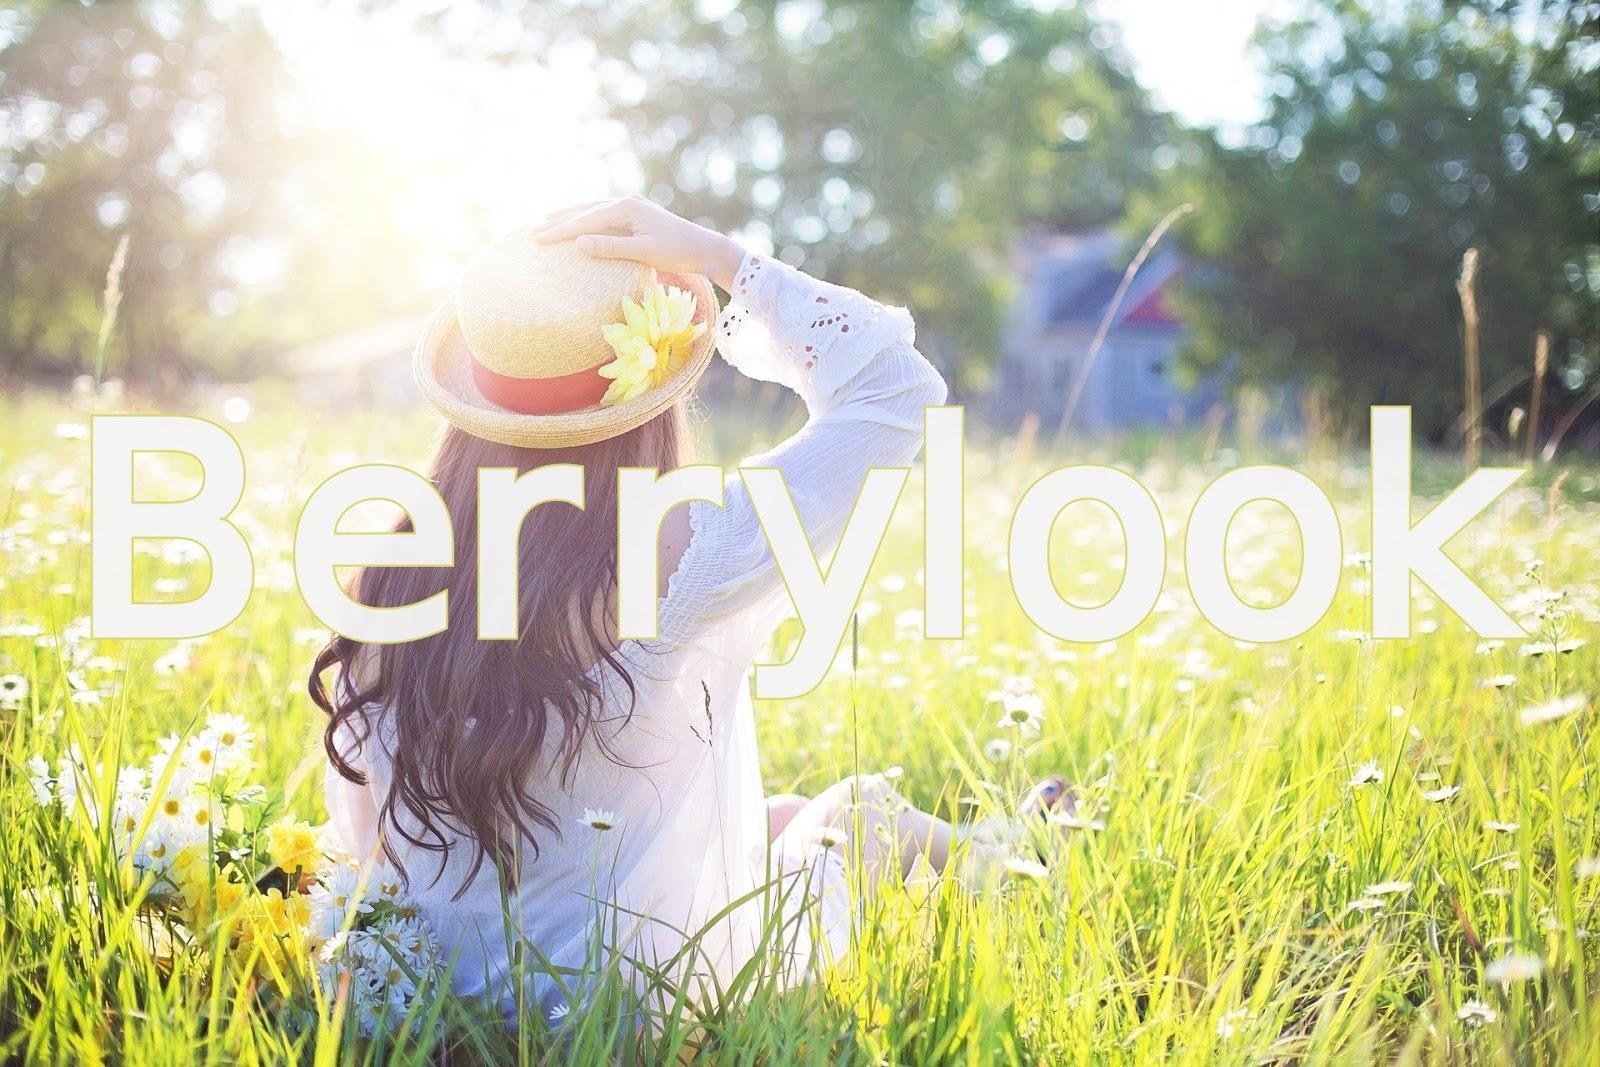 BLOG TESTERSKI: Przygotuj sięna wiosnę z Berrylook! - Przegląd nowości